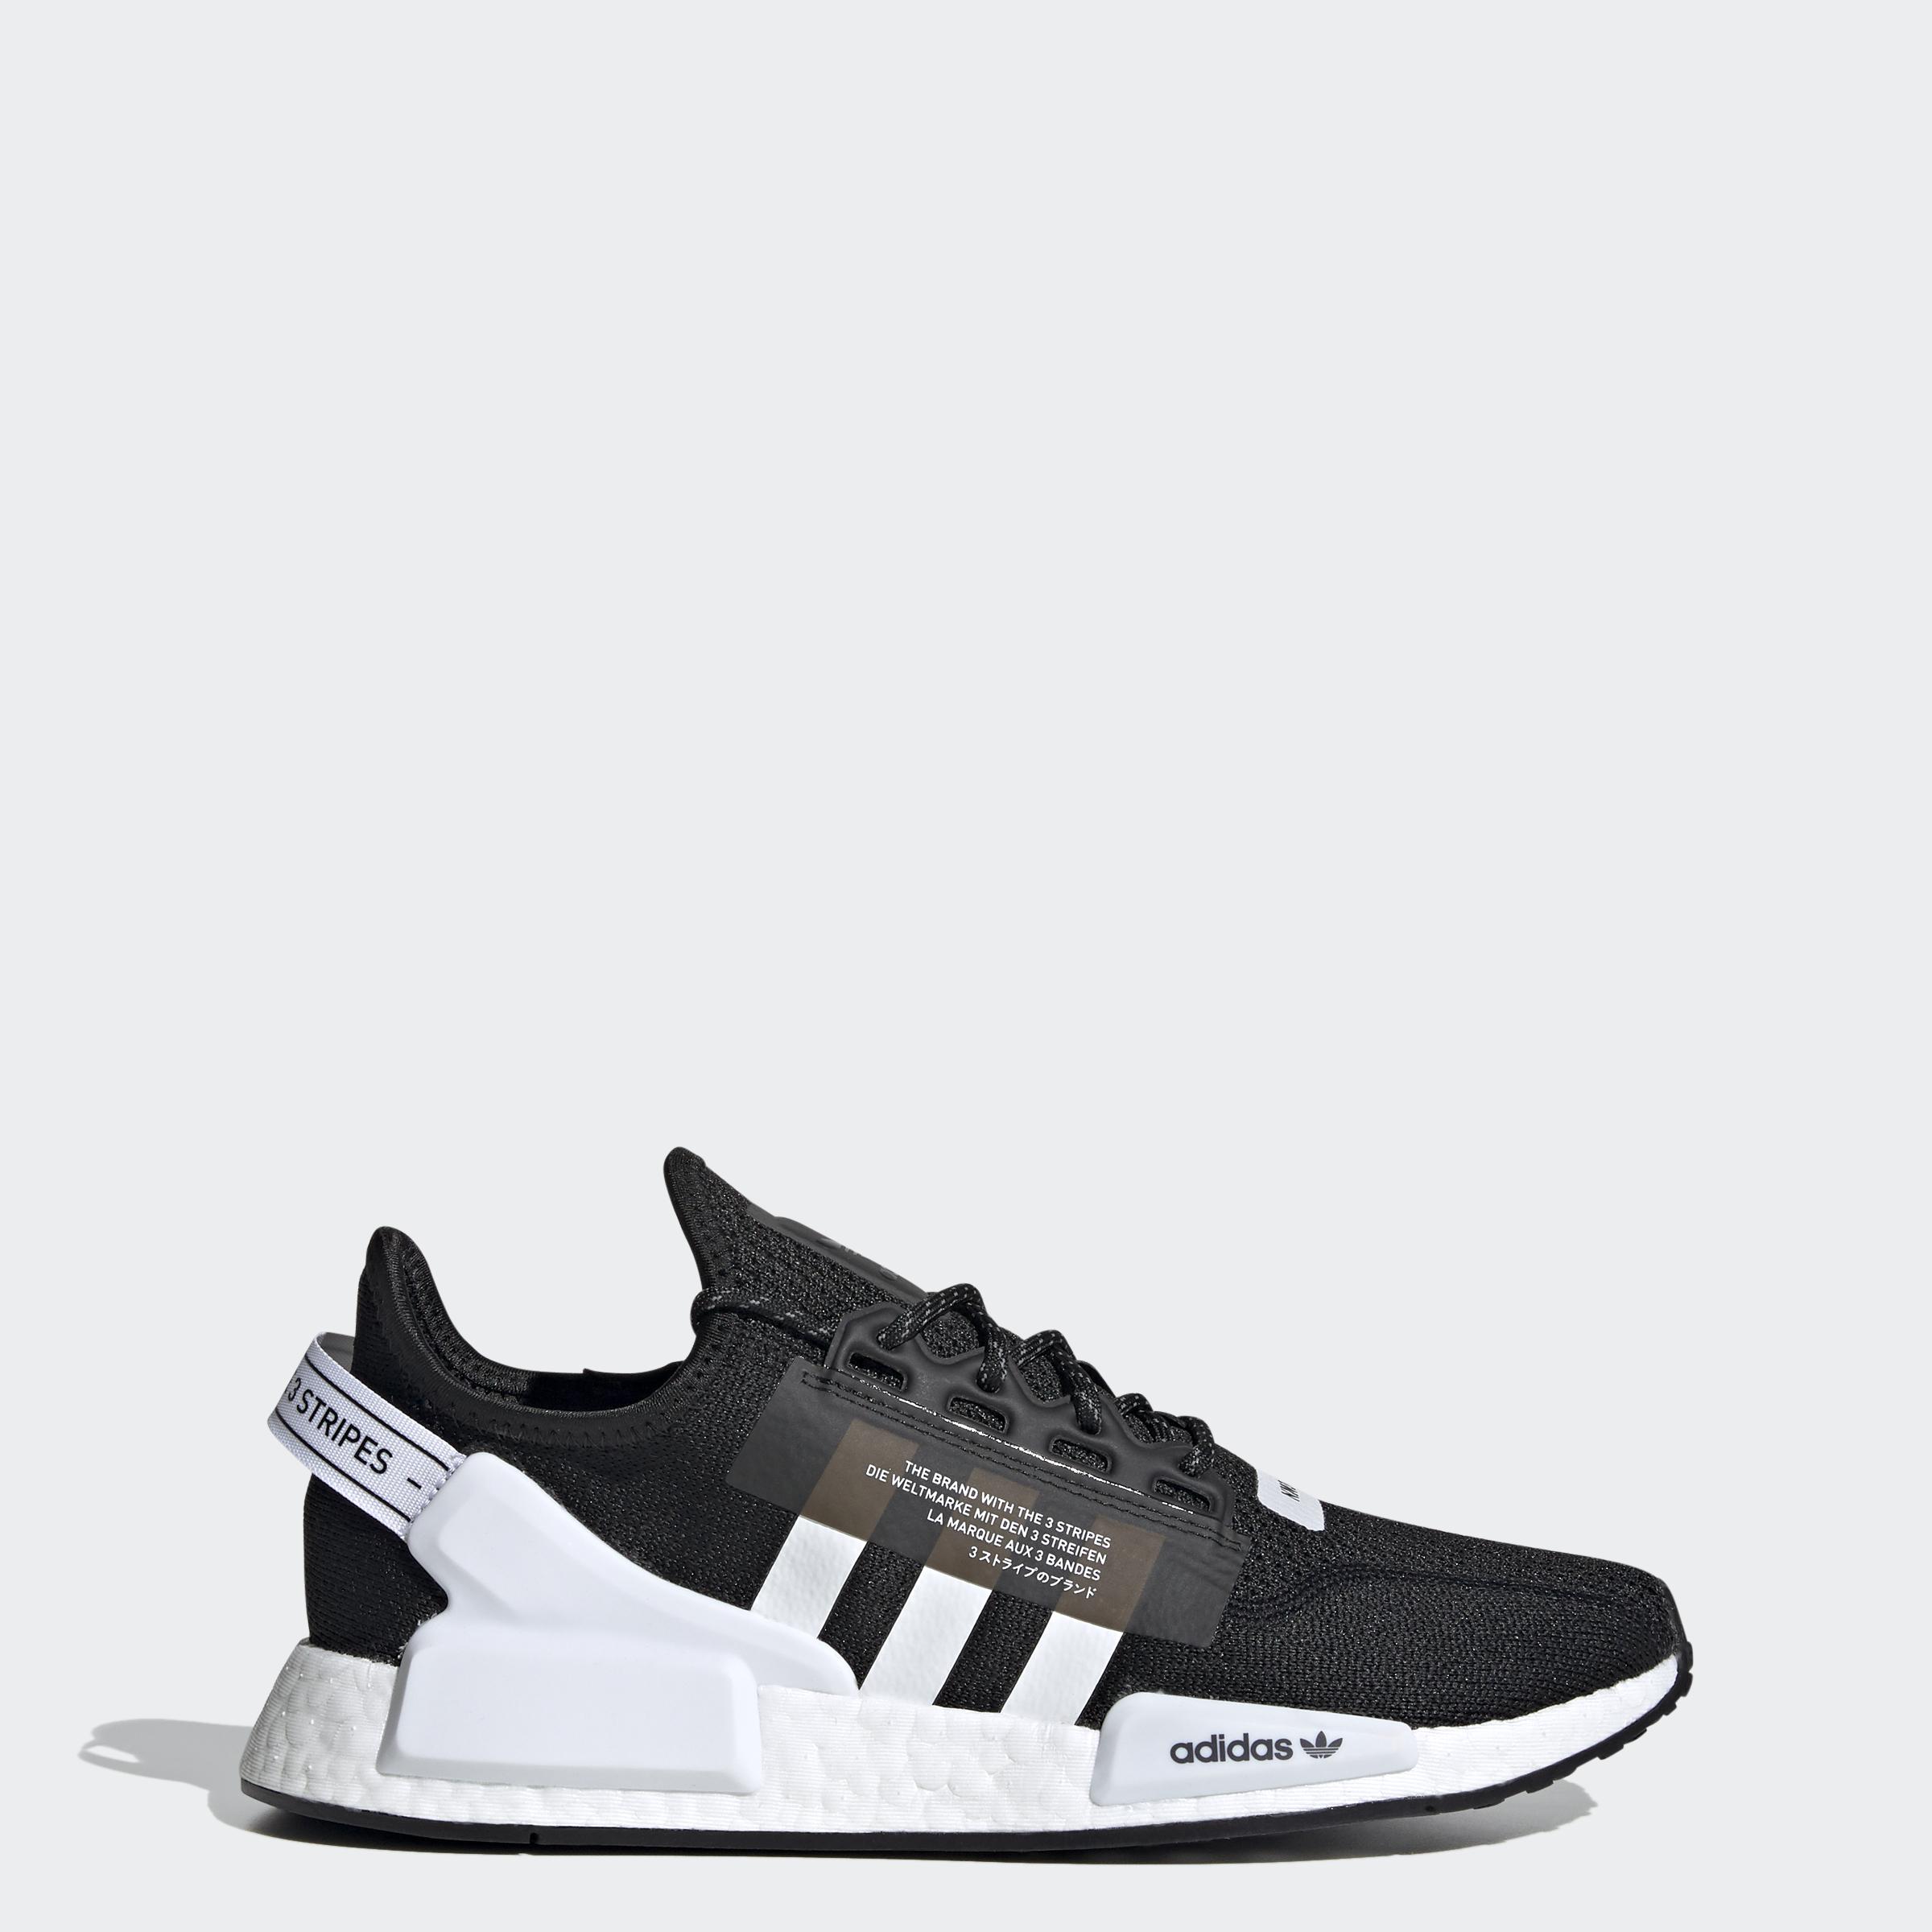 Adidas Originals Nmd R1 V2 Shoes Men S Ebay